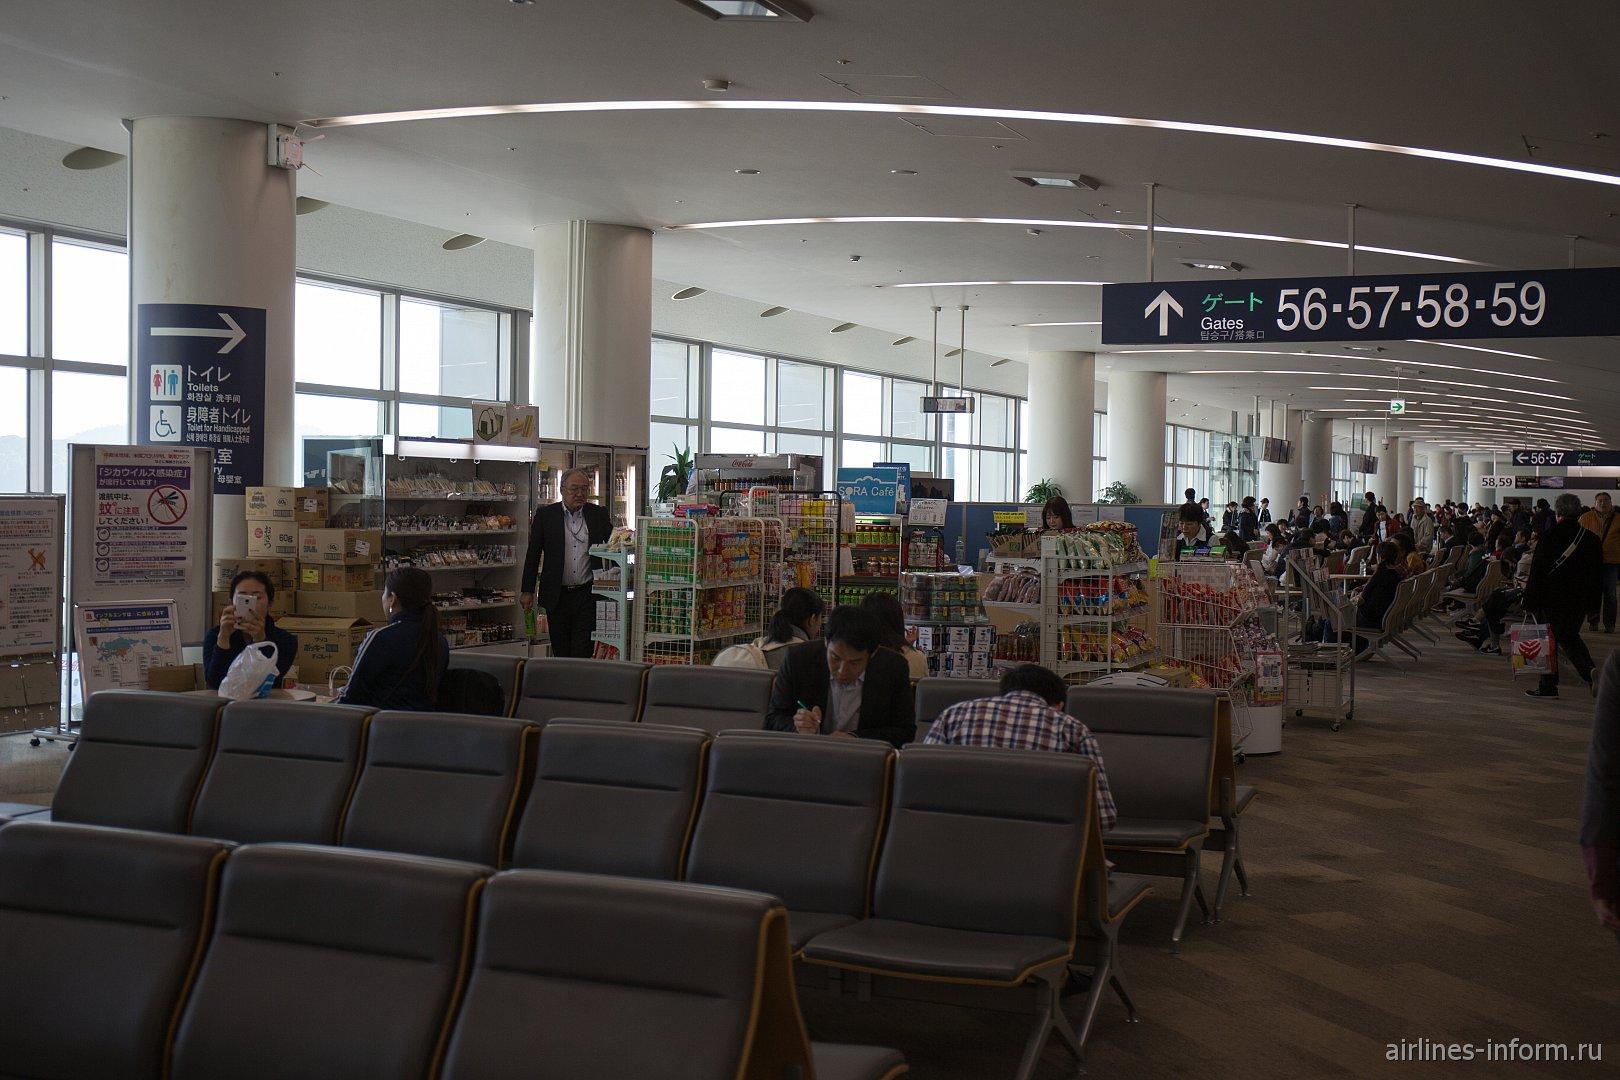 Чистая зона международного терминала аэропорта Фукуока, южное крыло